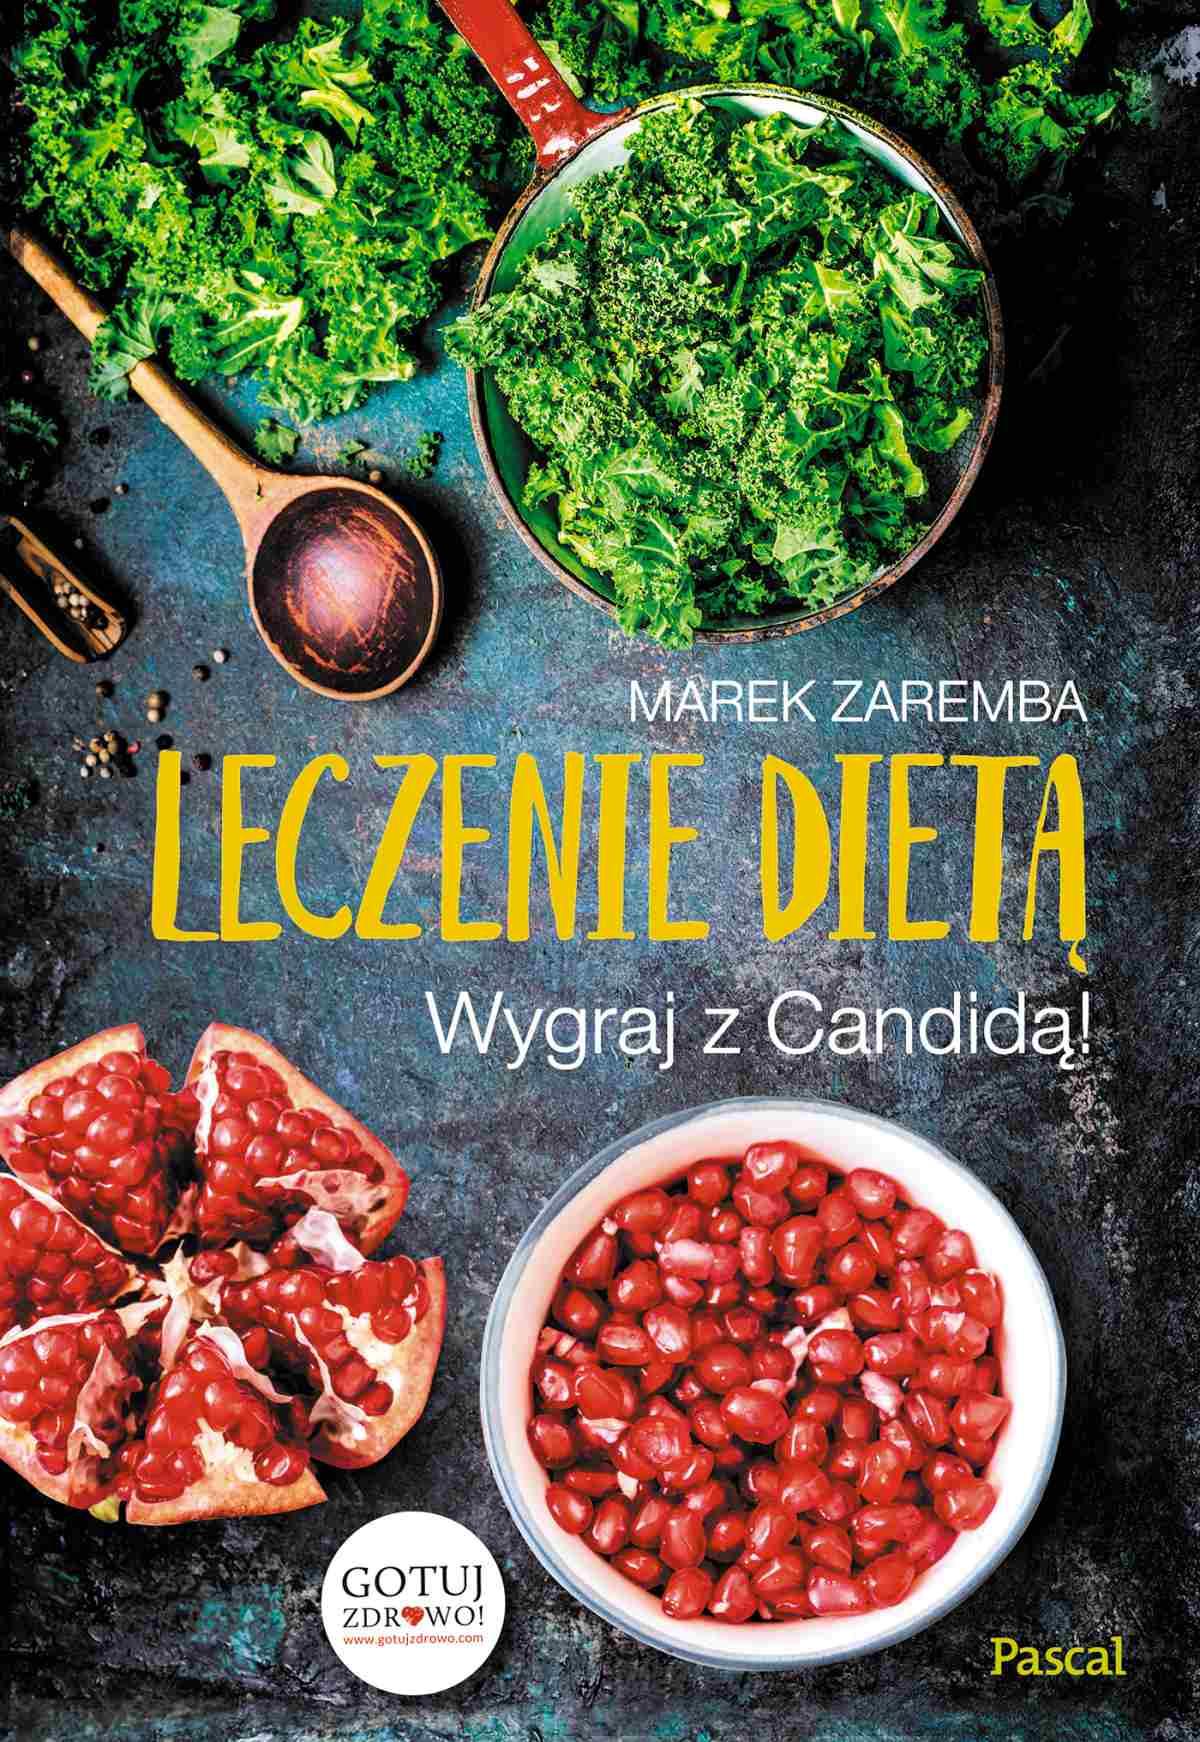 Leczenie dietą. Wygraj z Candidą! - Ebook (Książka na Kindle) do pobrania w formacie MOBI